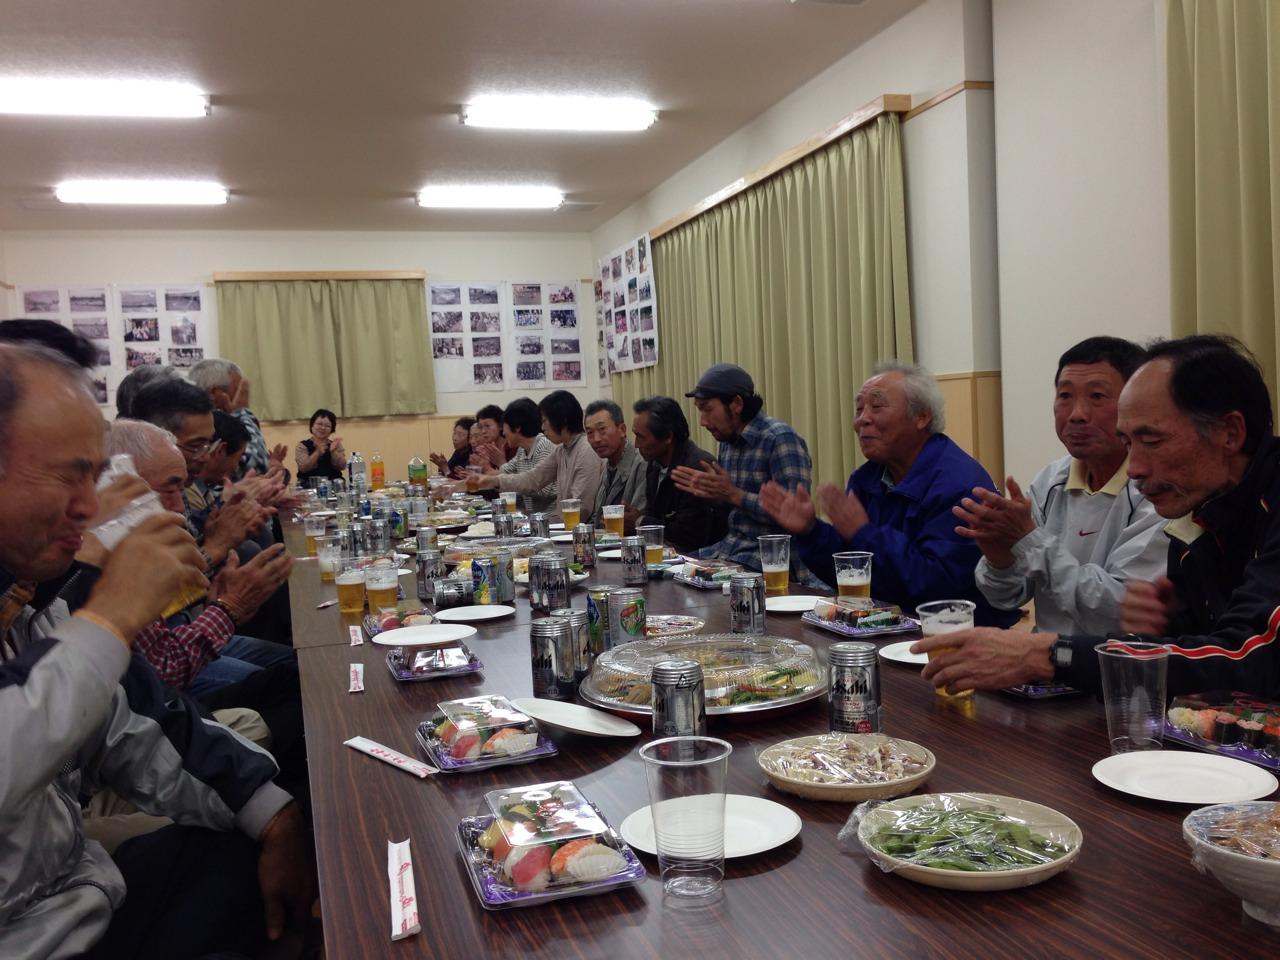 岩手~農家さんたちの懇親会に参加してきました。_b0206074_1311158.jpg